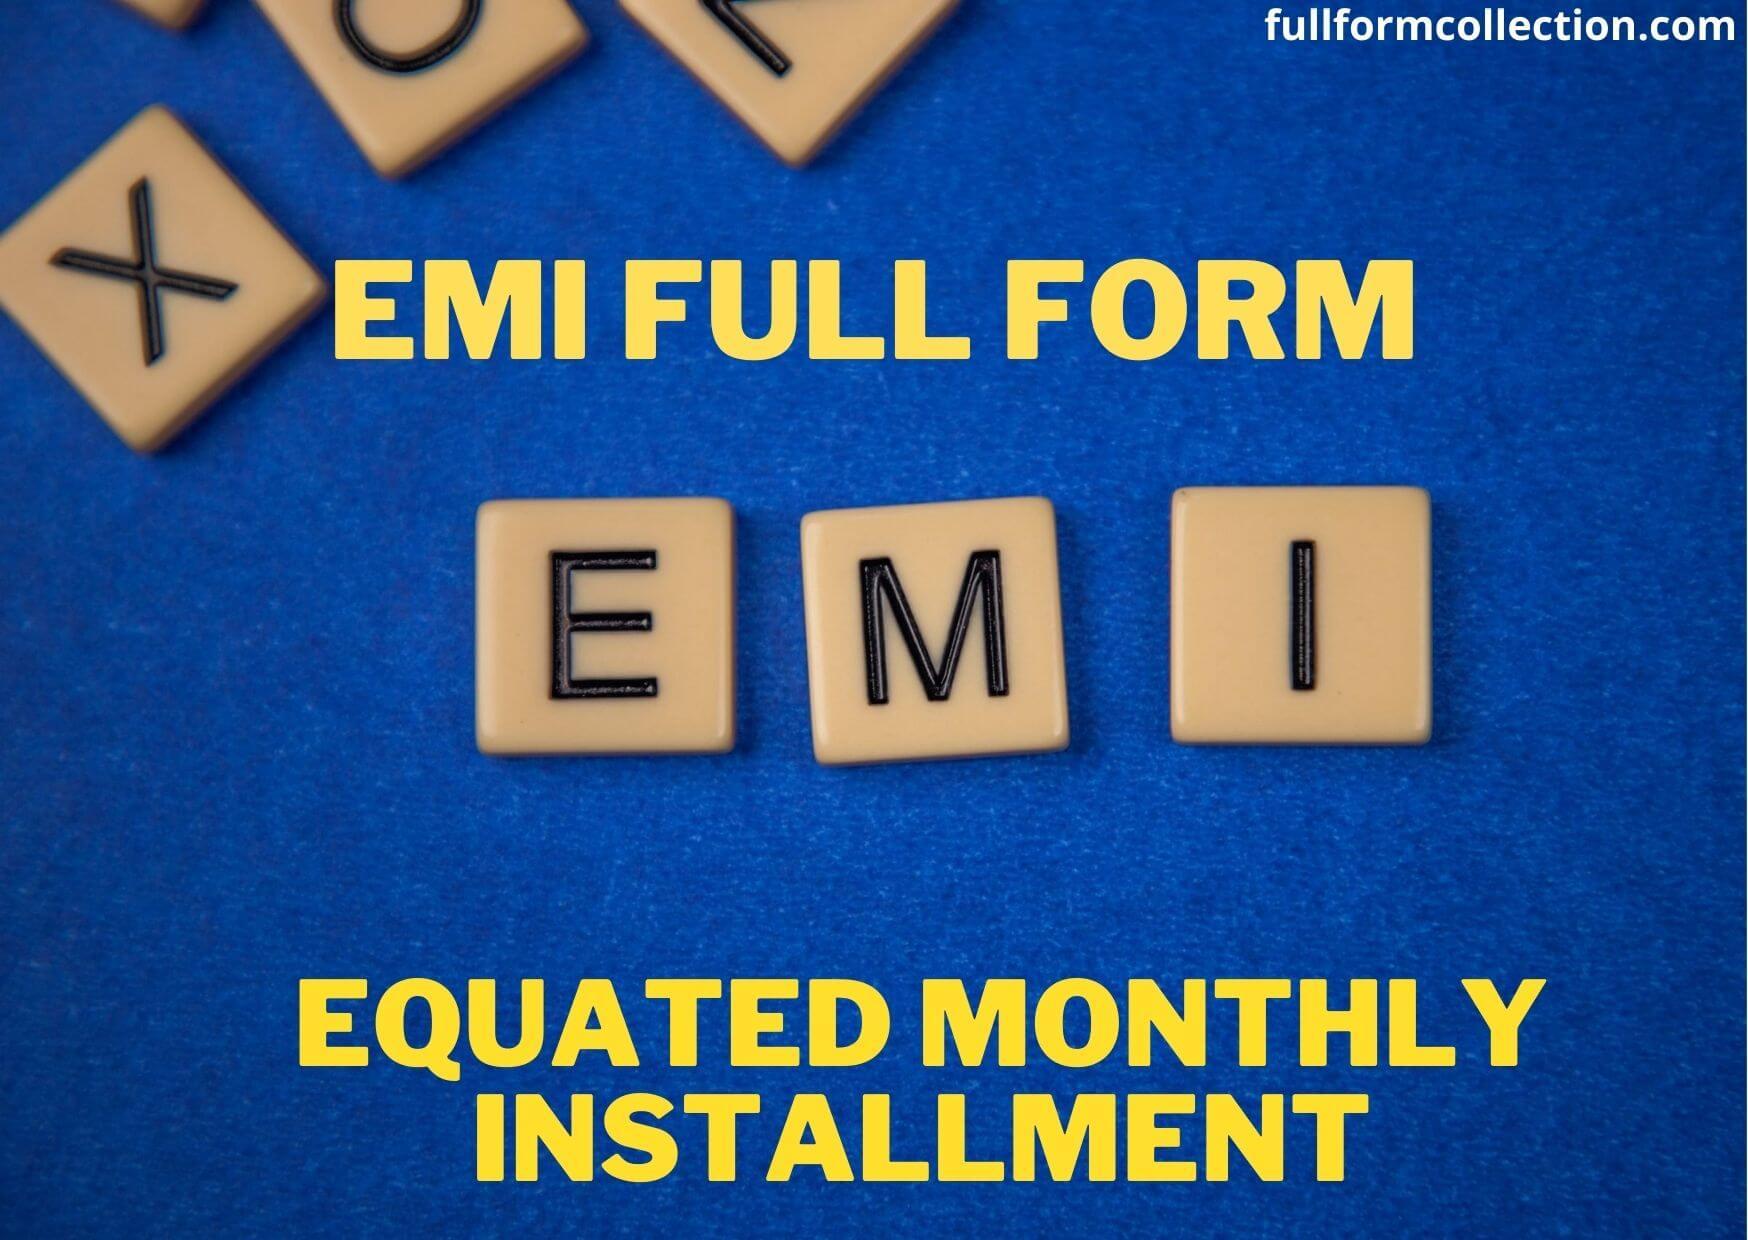 EMI Full Form